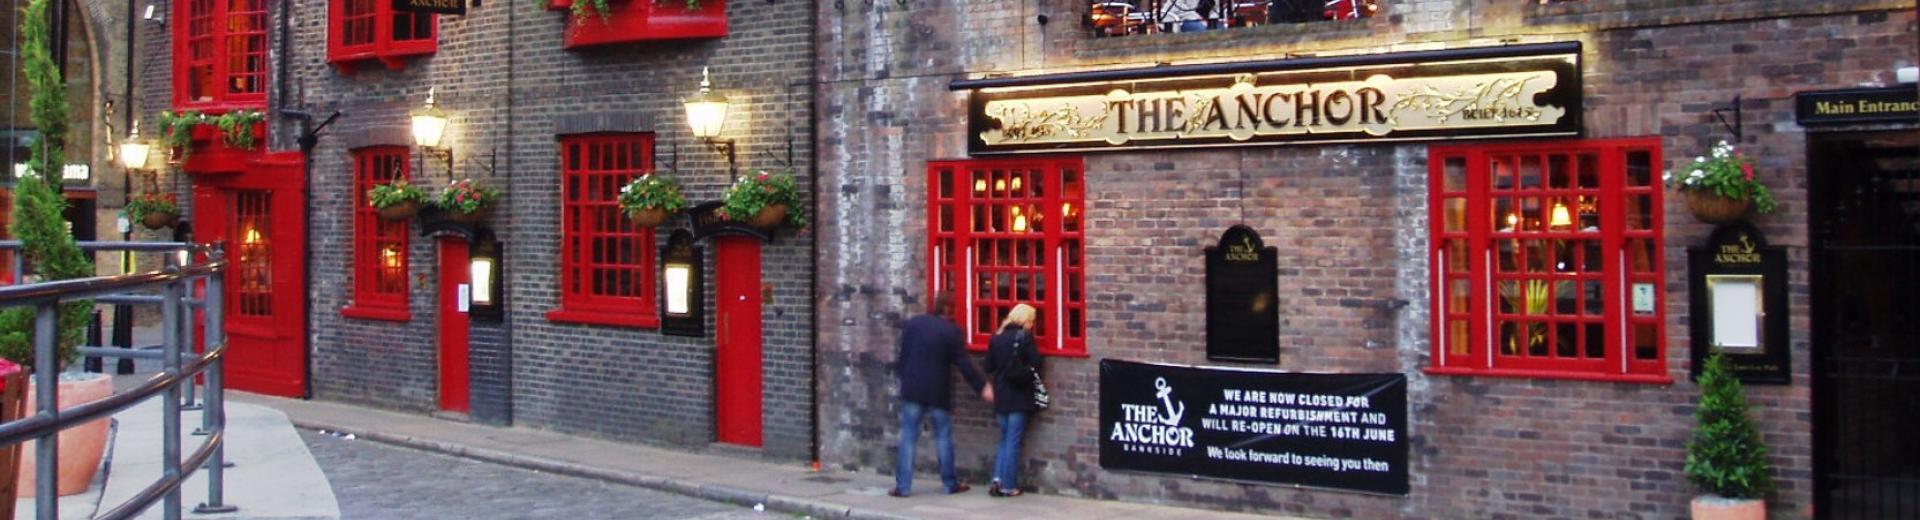 Historic London Pub feature